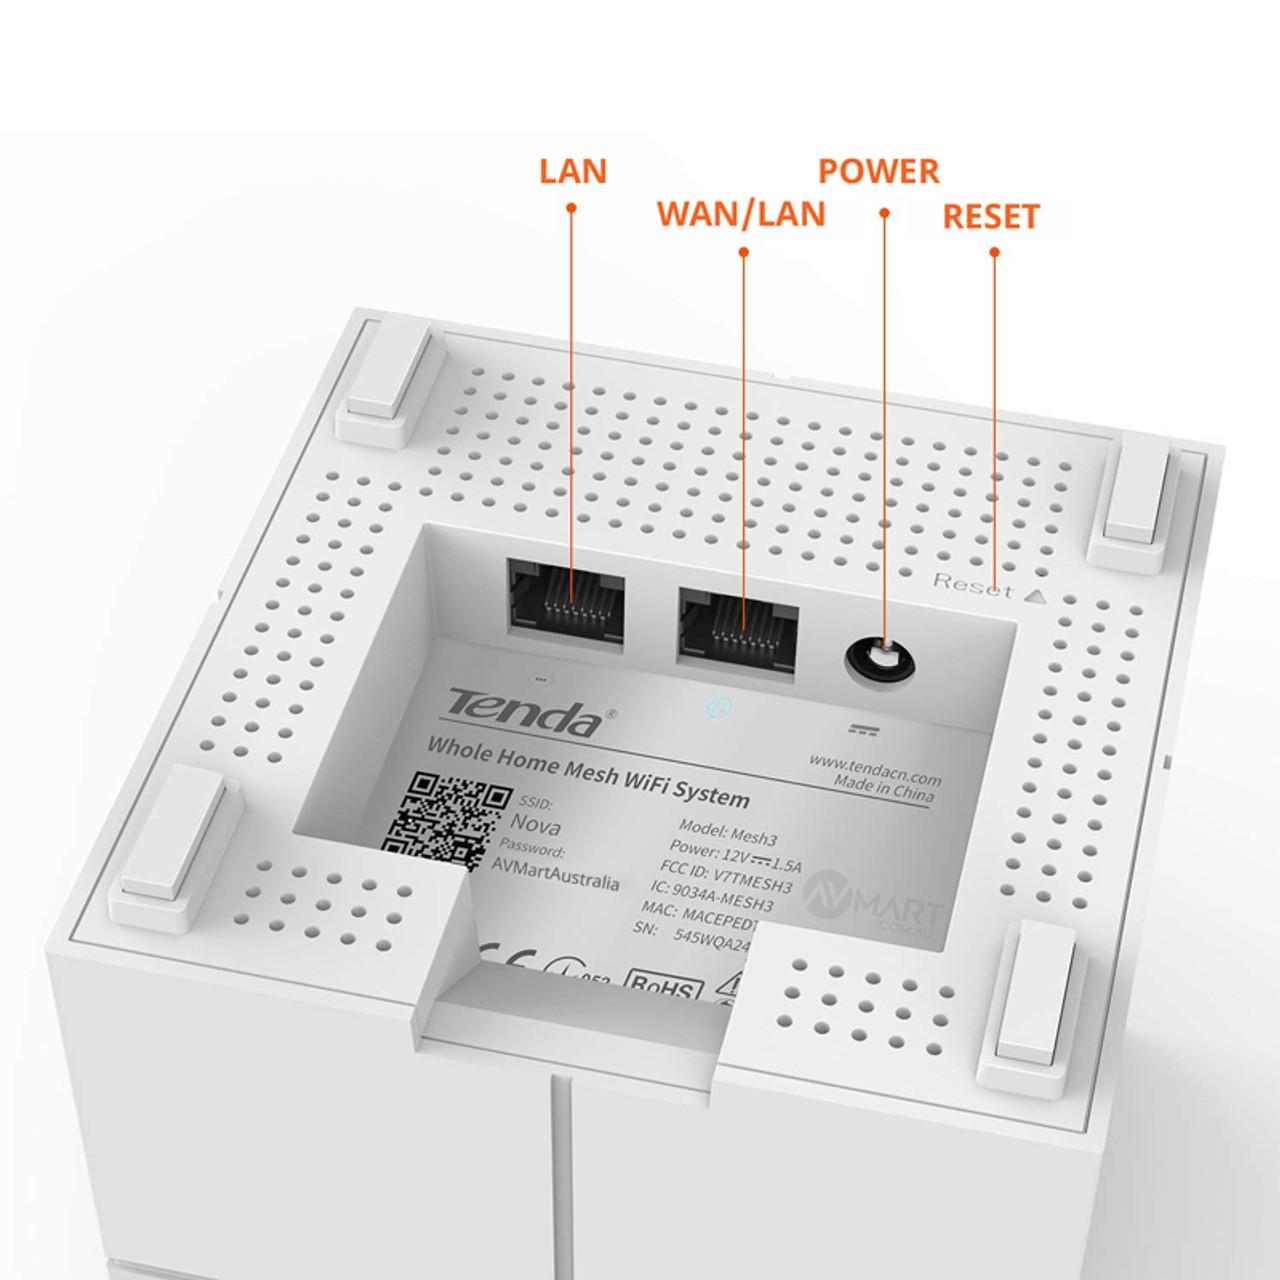 Tenda nova MW6 inputs LAN